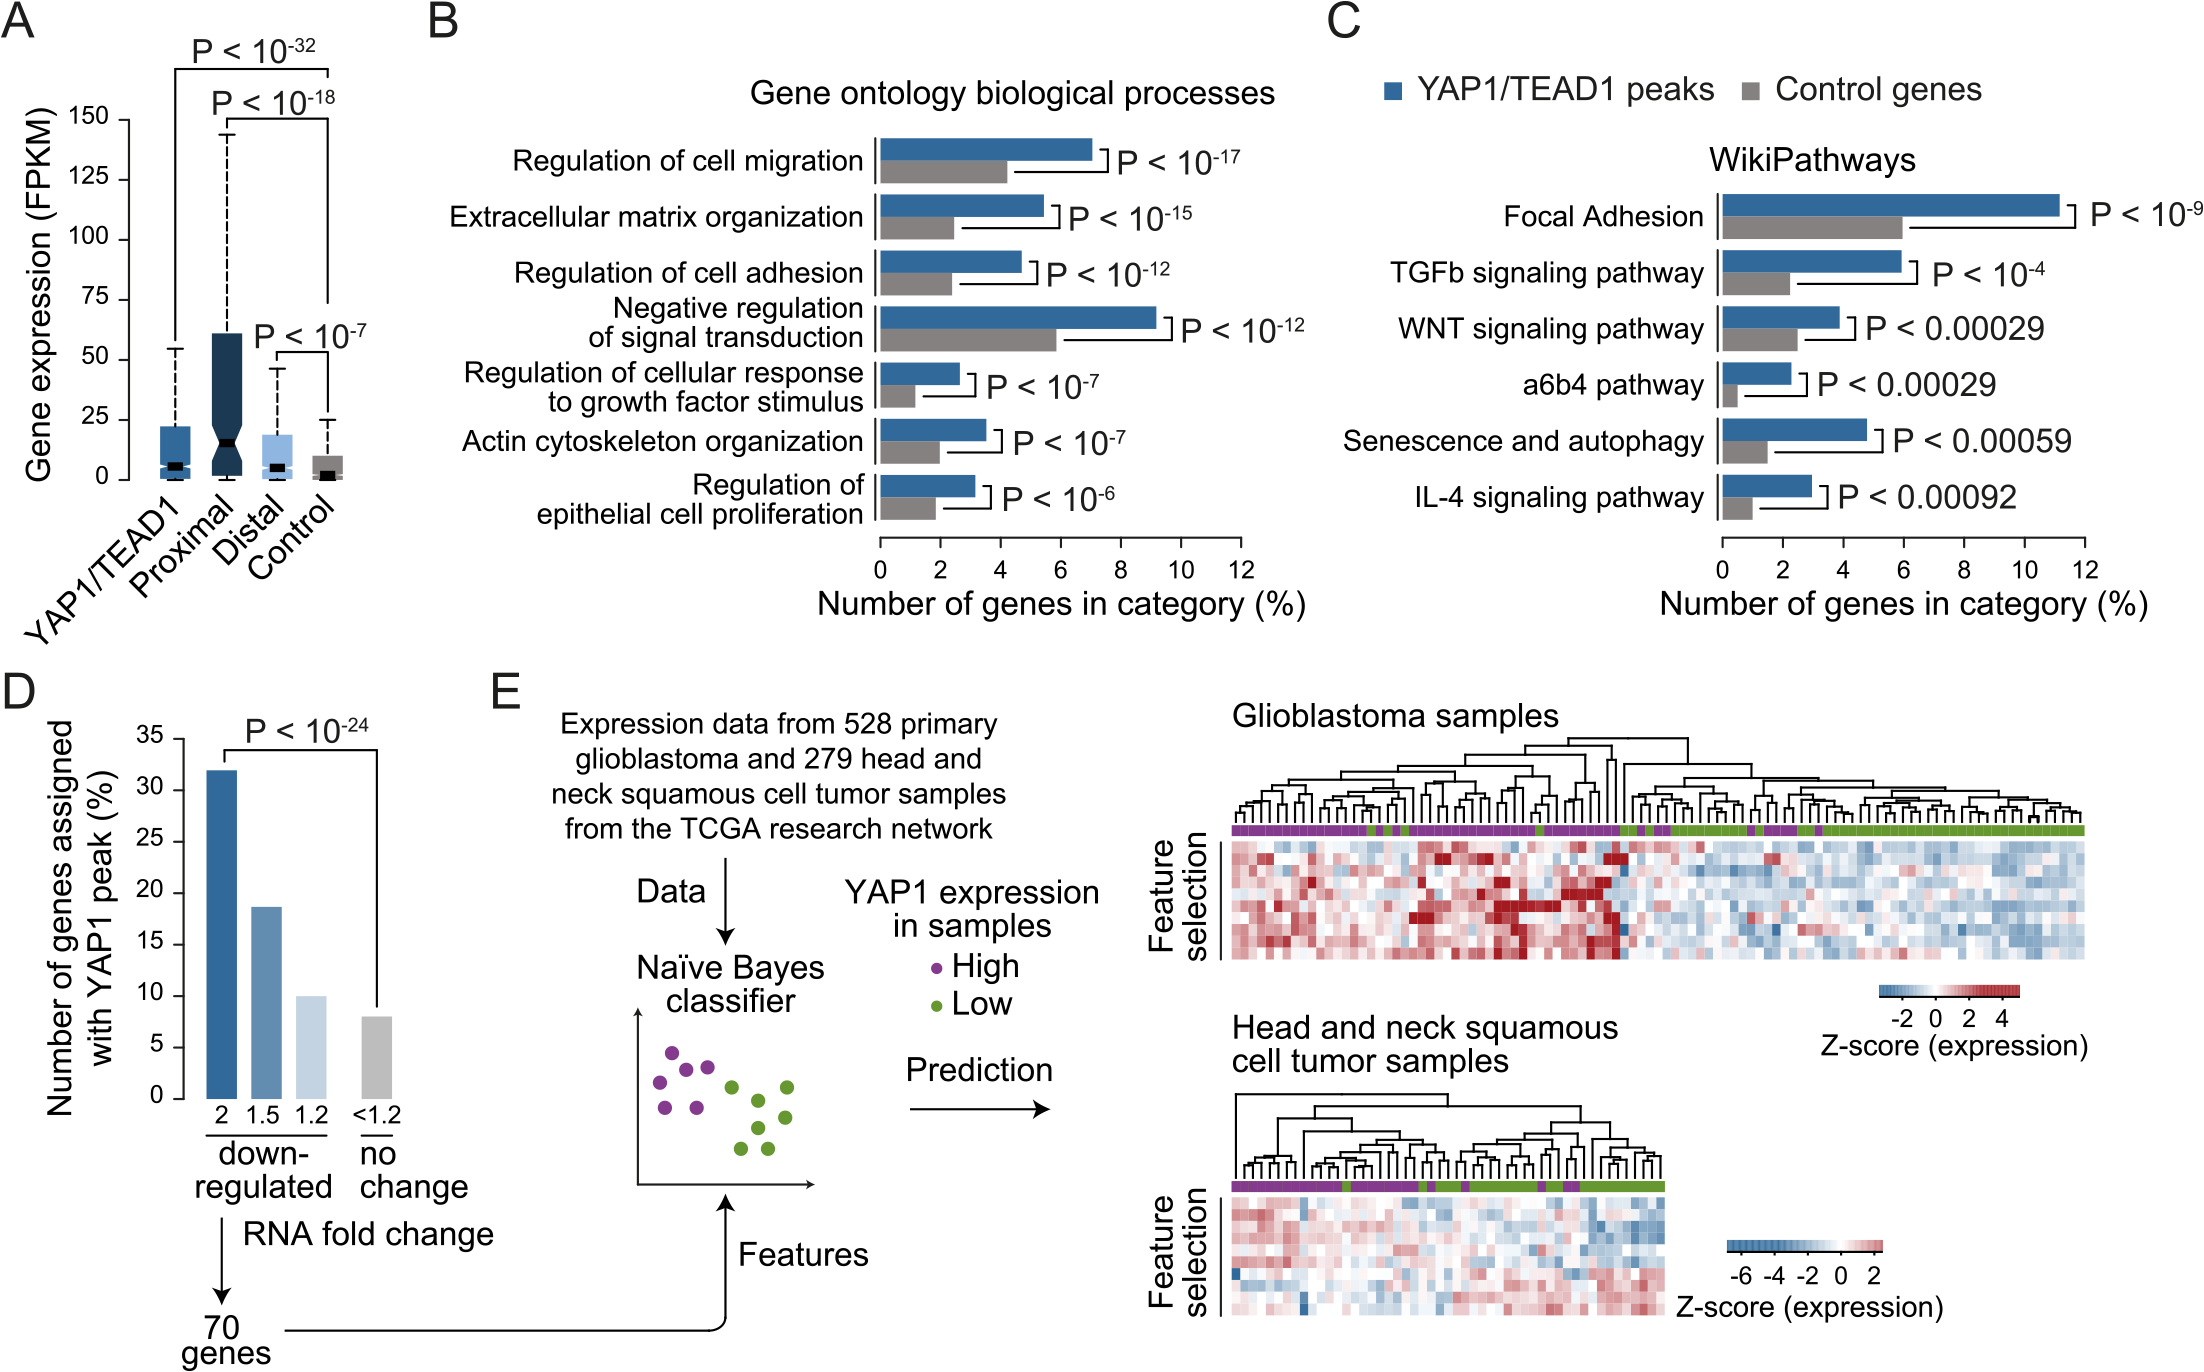 YAP1/TEAD1 target genes.